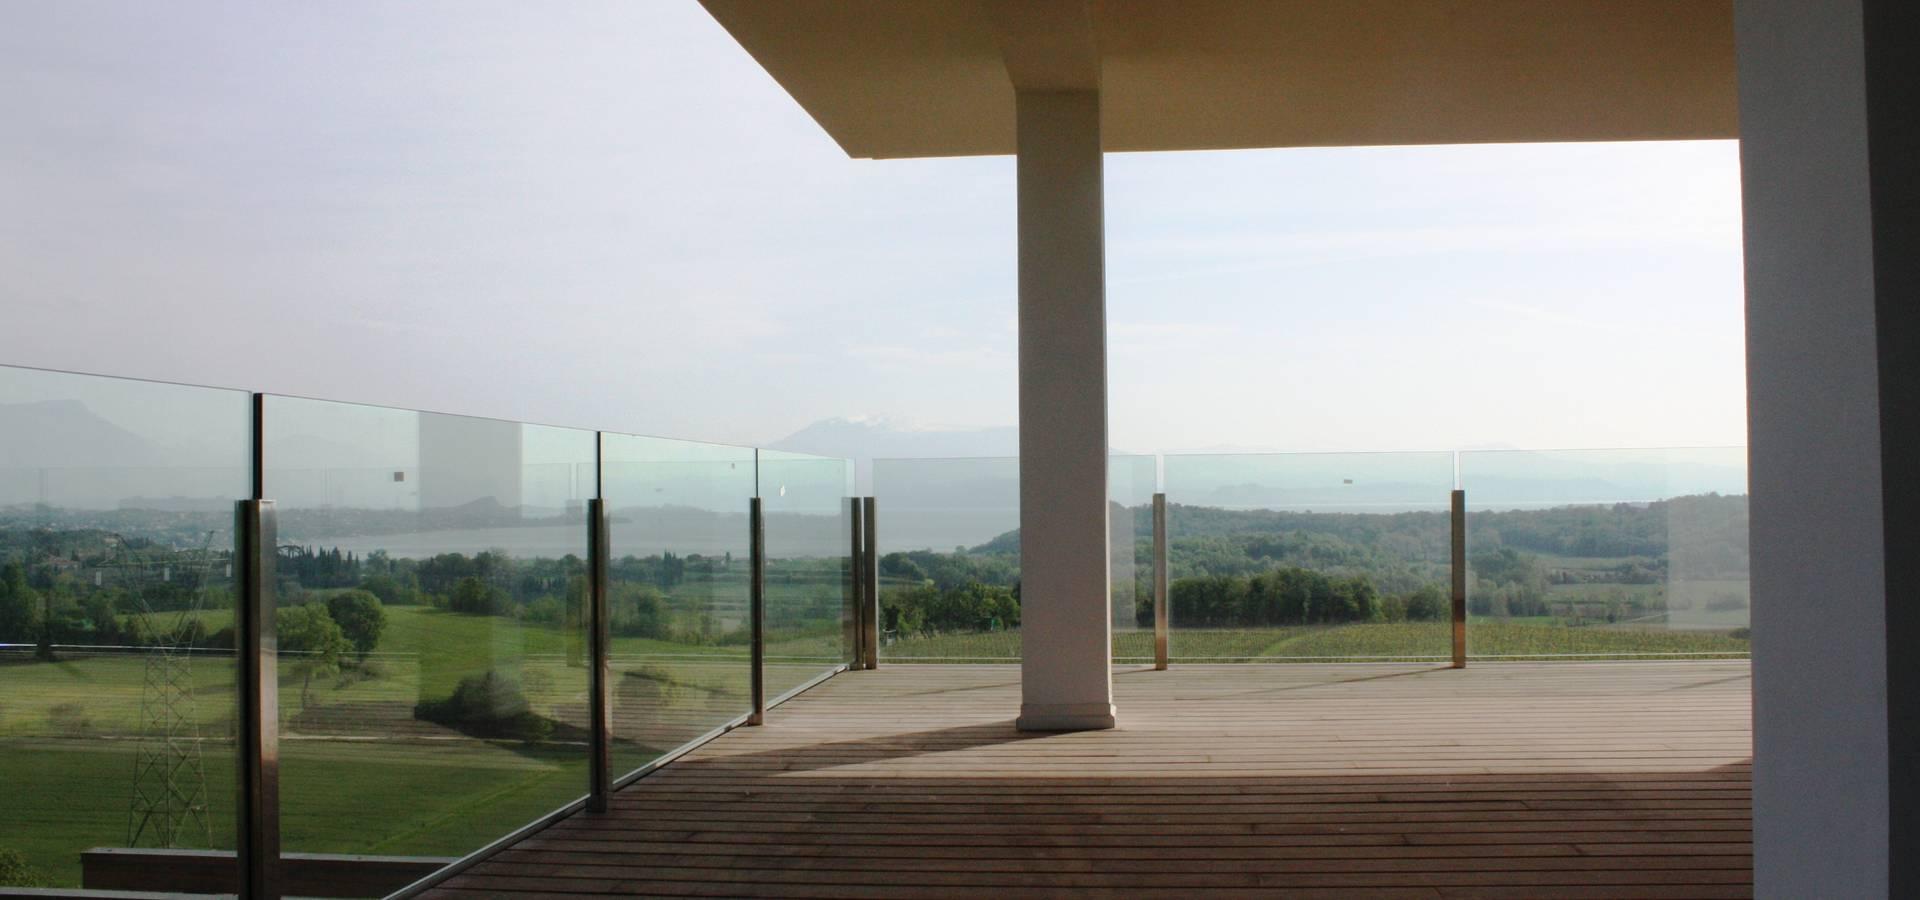 Studio d'architettura associato f.g.i. Visconti